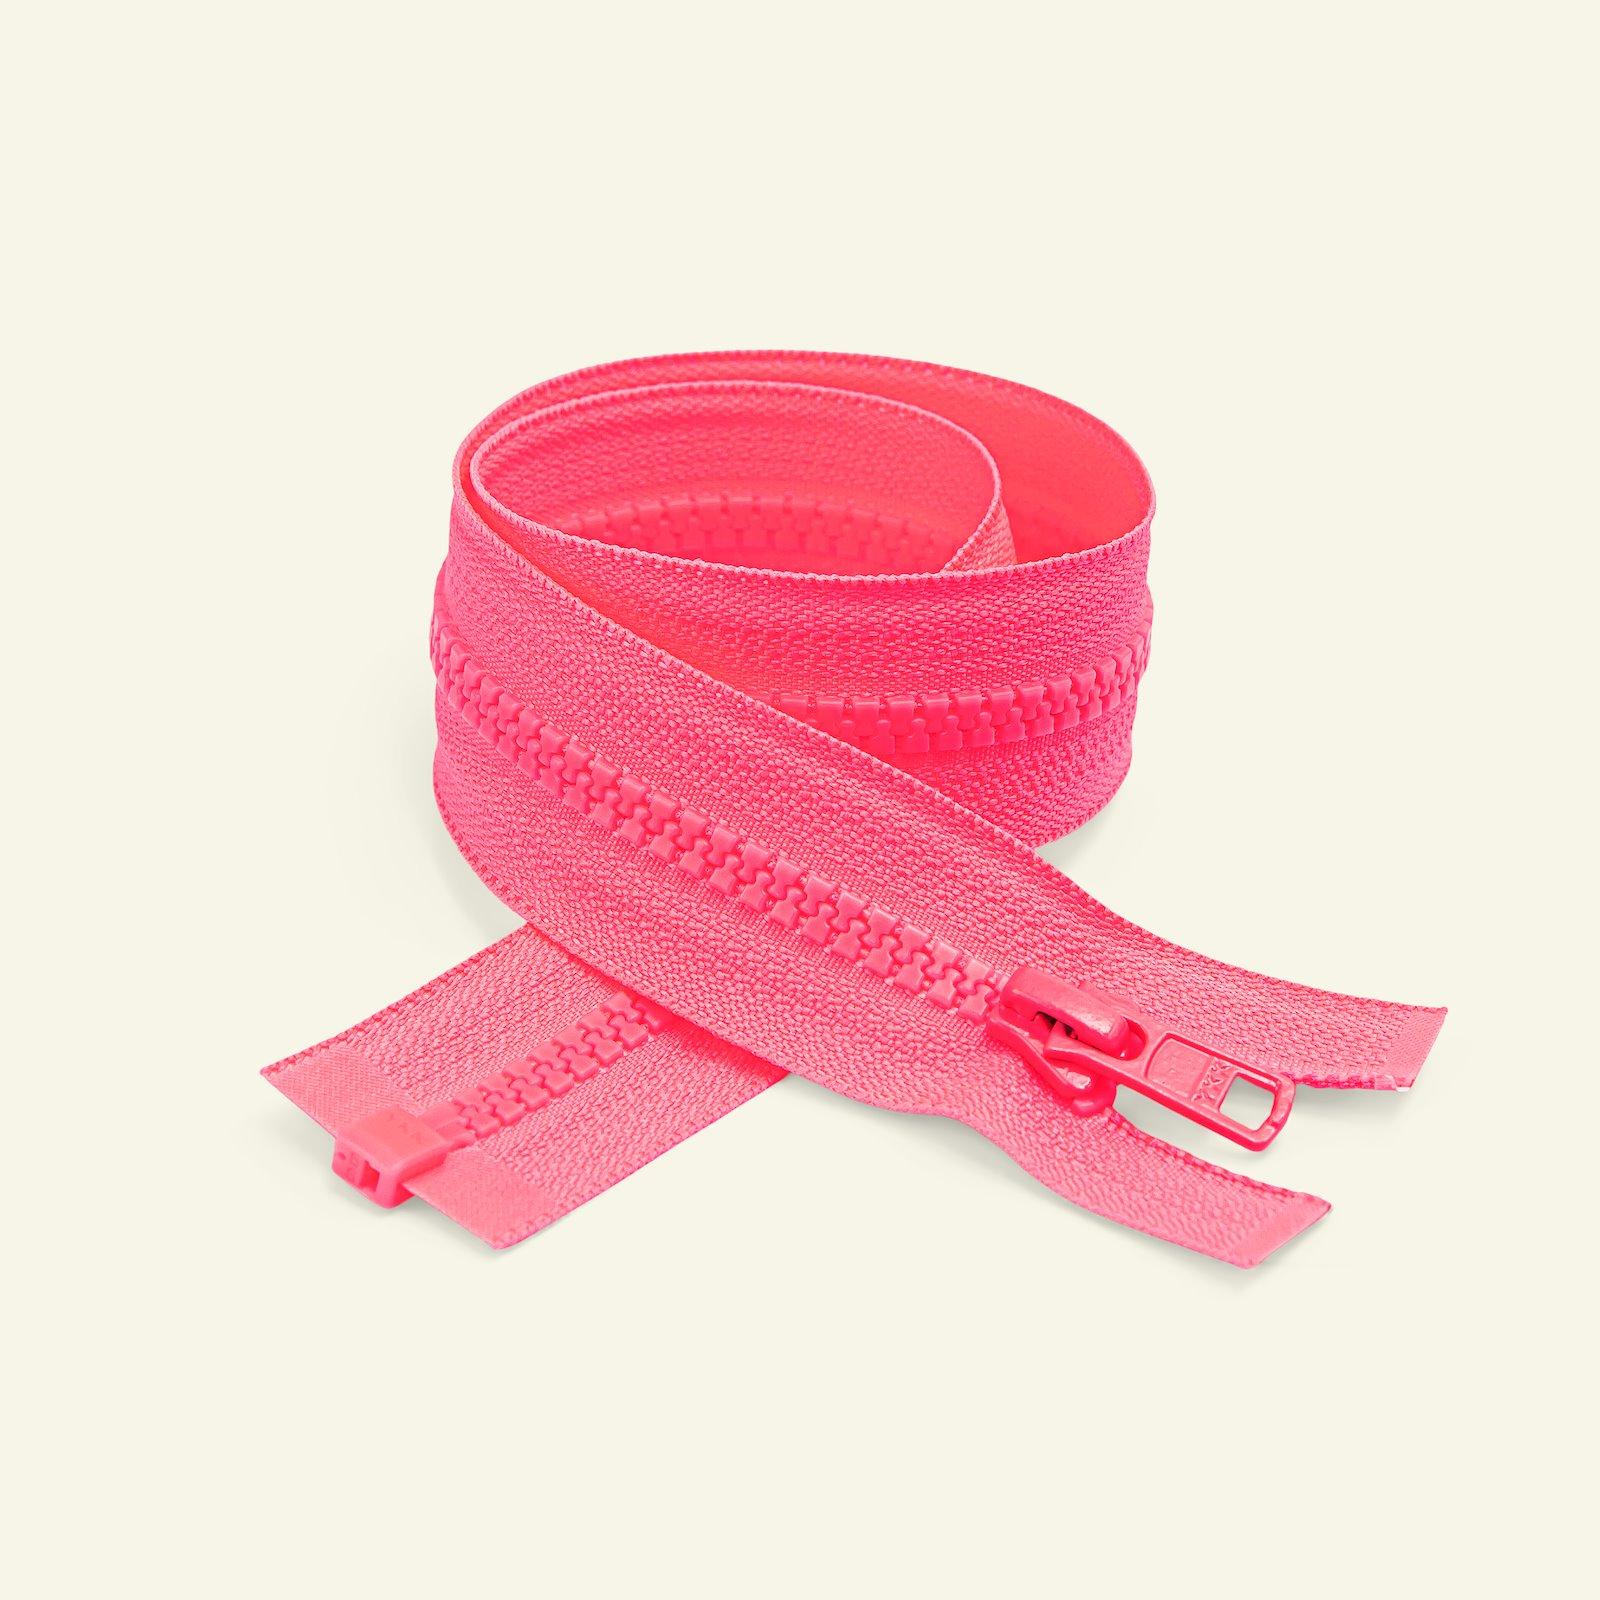 YKK zip 6mm open end 60cm neon pink x50084_pack